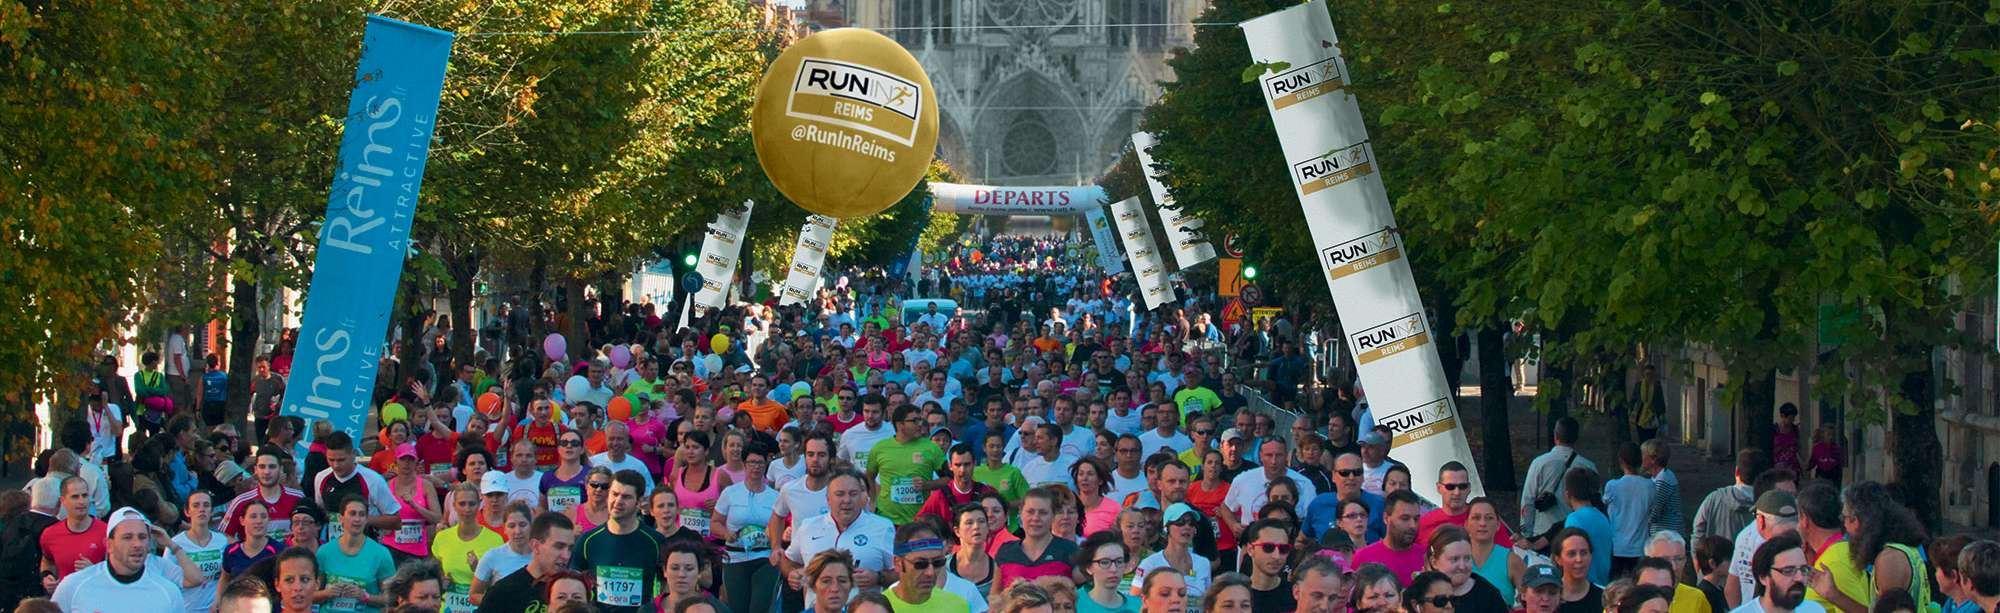 Alles over de Run in Reims Marathon en hoe jij er aan mee kunt doen